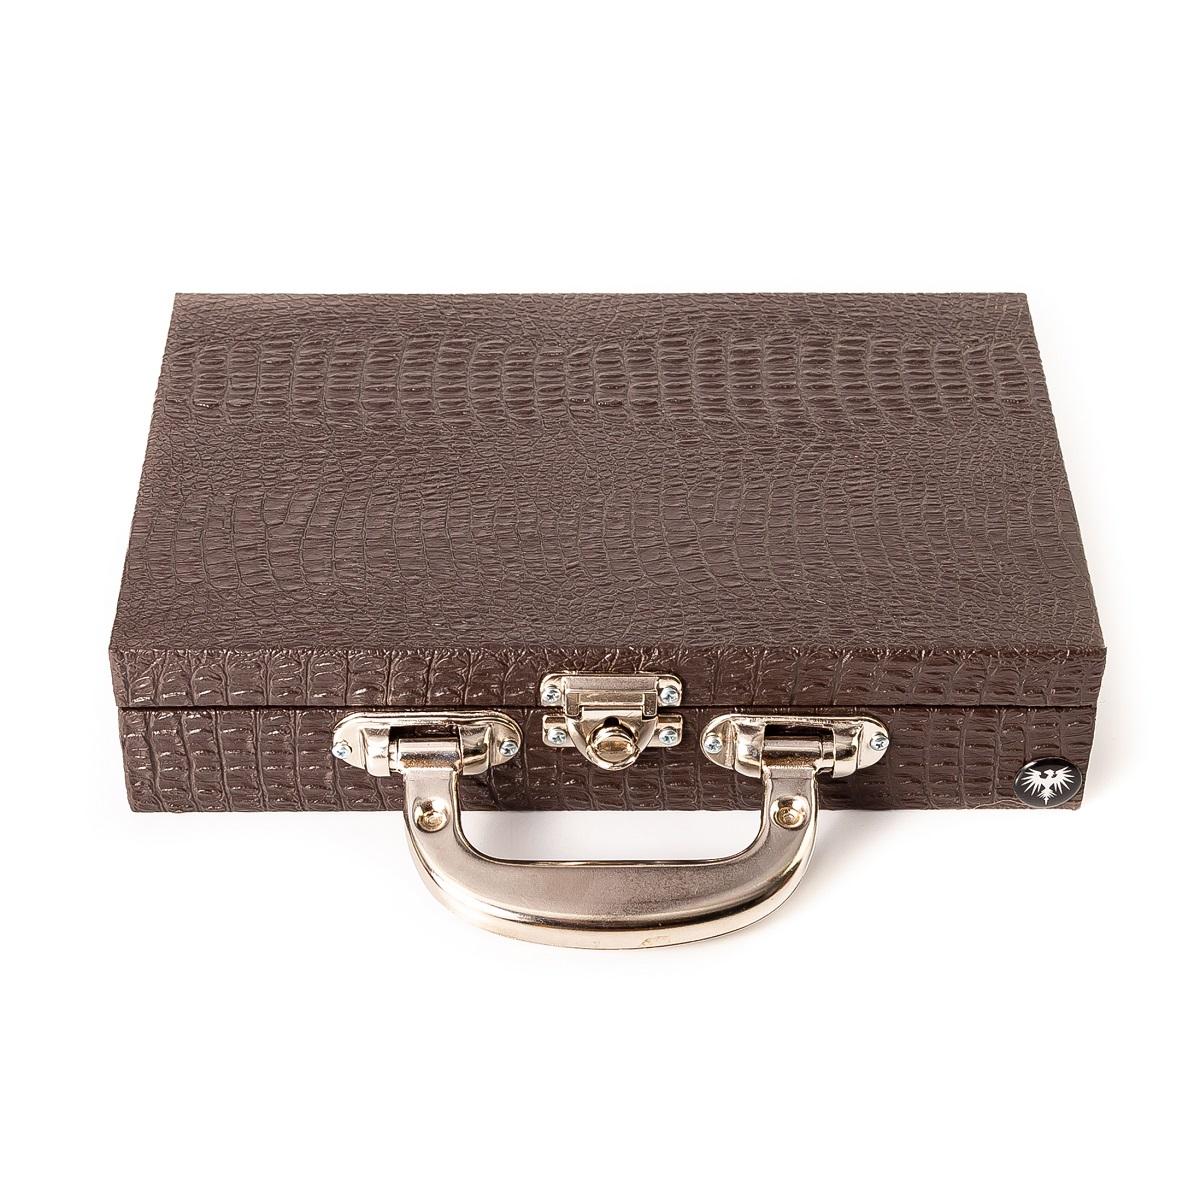 maleta-porta-joias-couro-ecologico-pequeno-marrom-bege-imagem-4.jpg